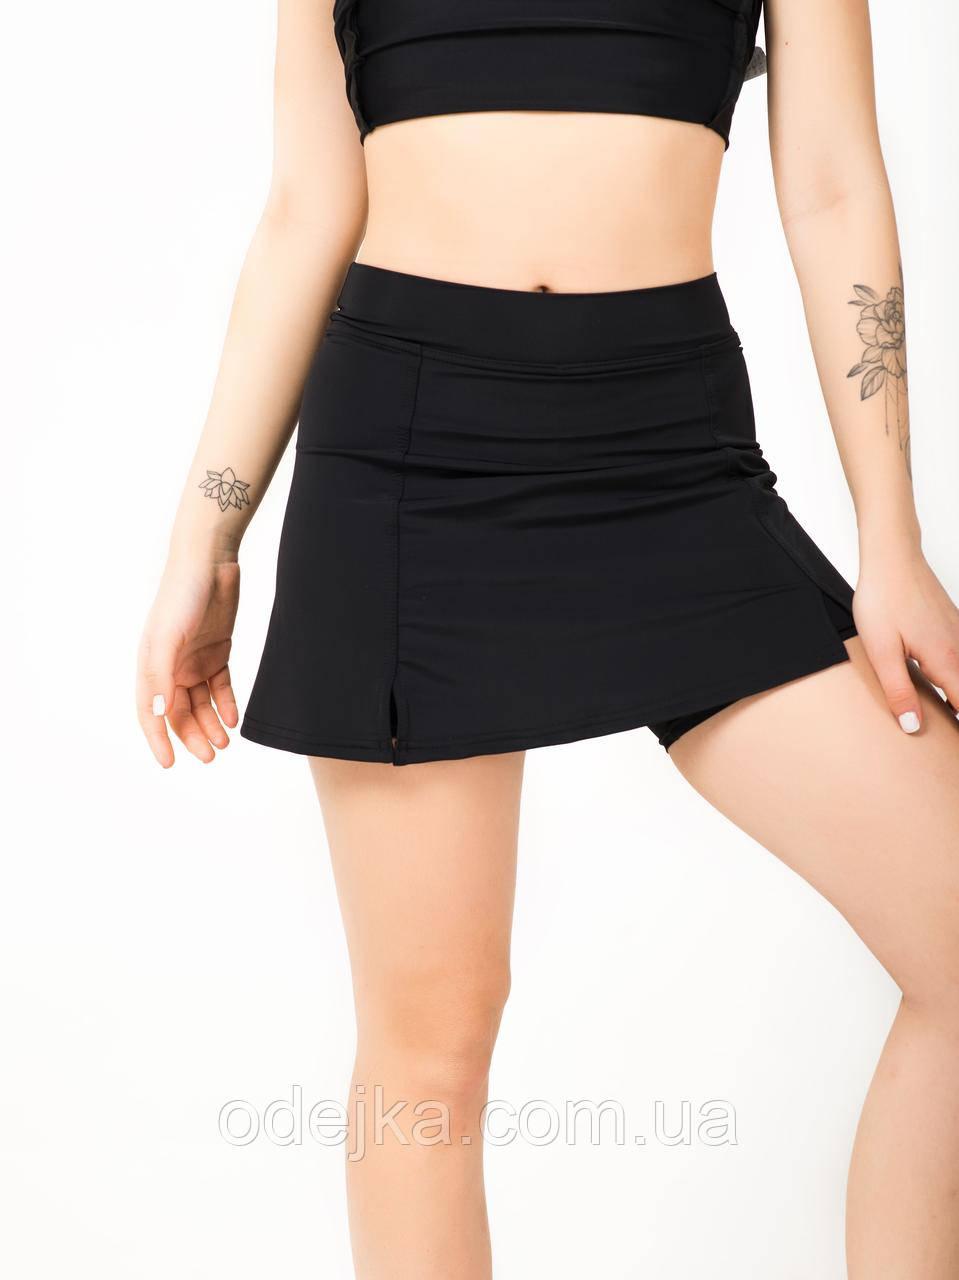 Черная юбка-шорты NV Serrade